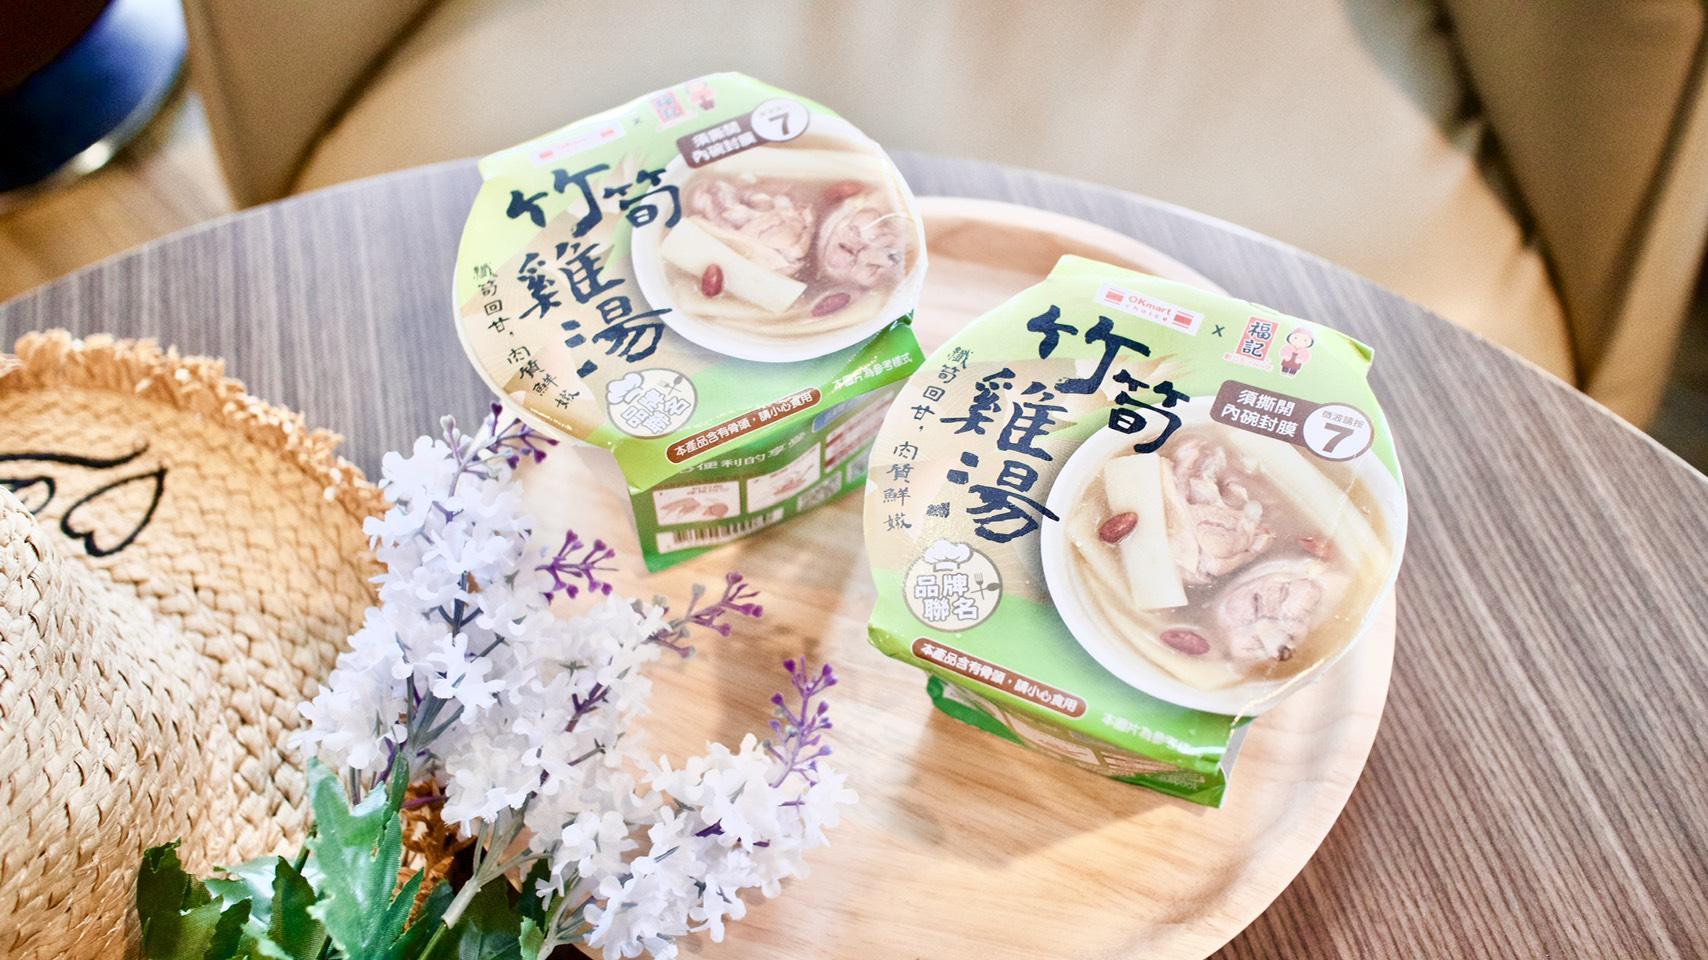 超商美食-OK超商 福記食品竹筍雞湯,大塊雞腿肉加上鮮竹筍,消暑好滋味!